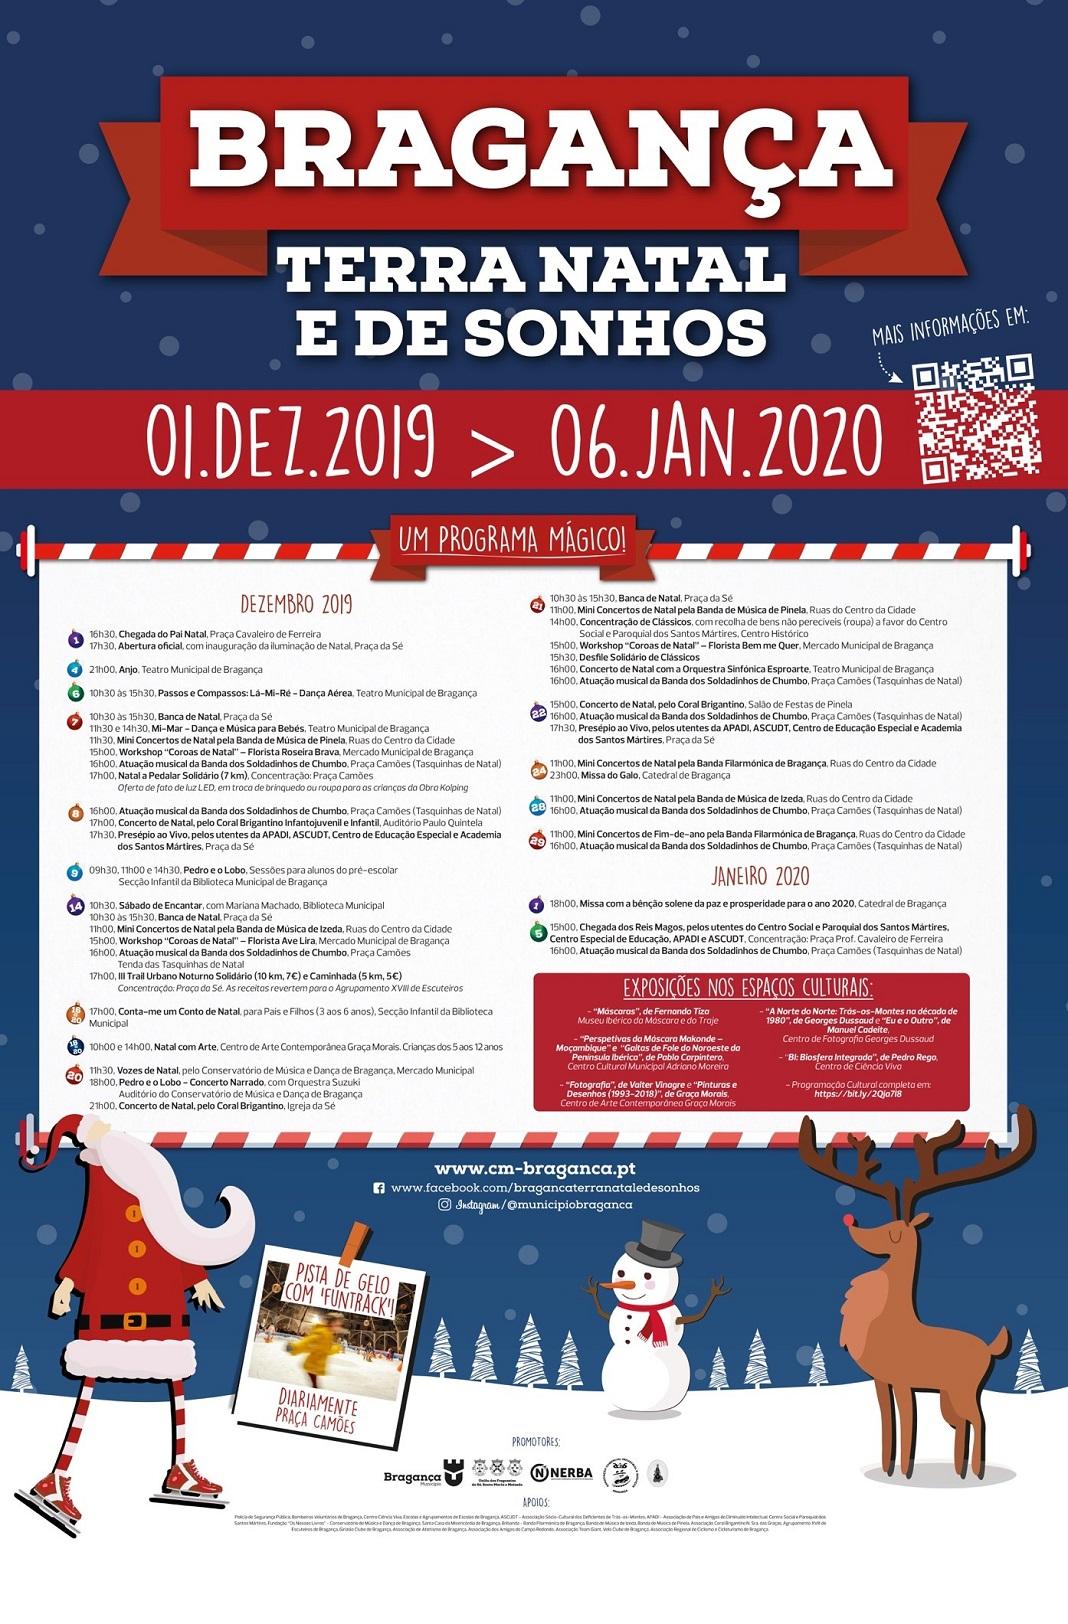 Bragança, Terra Natal e de Sonhos num inverno inesquecível